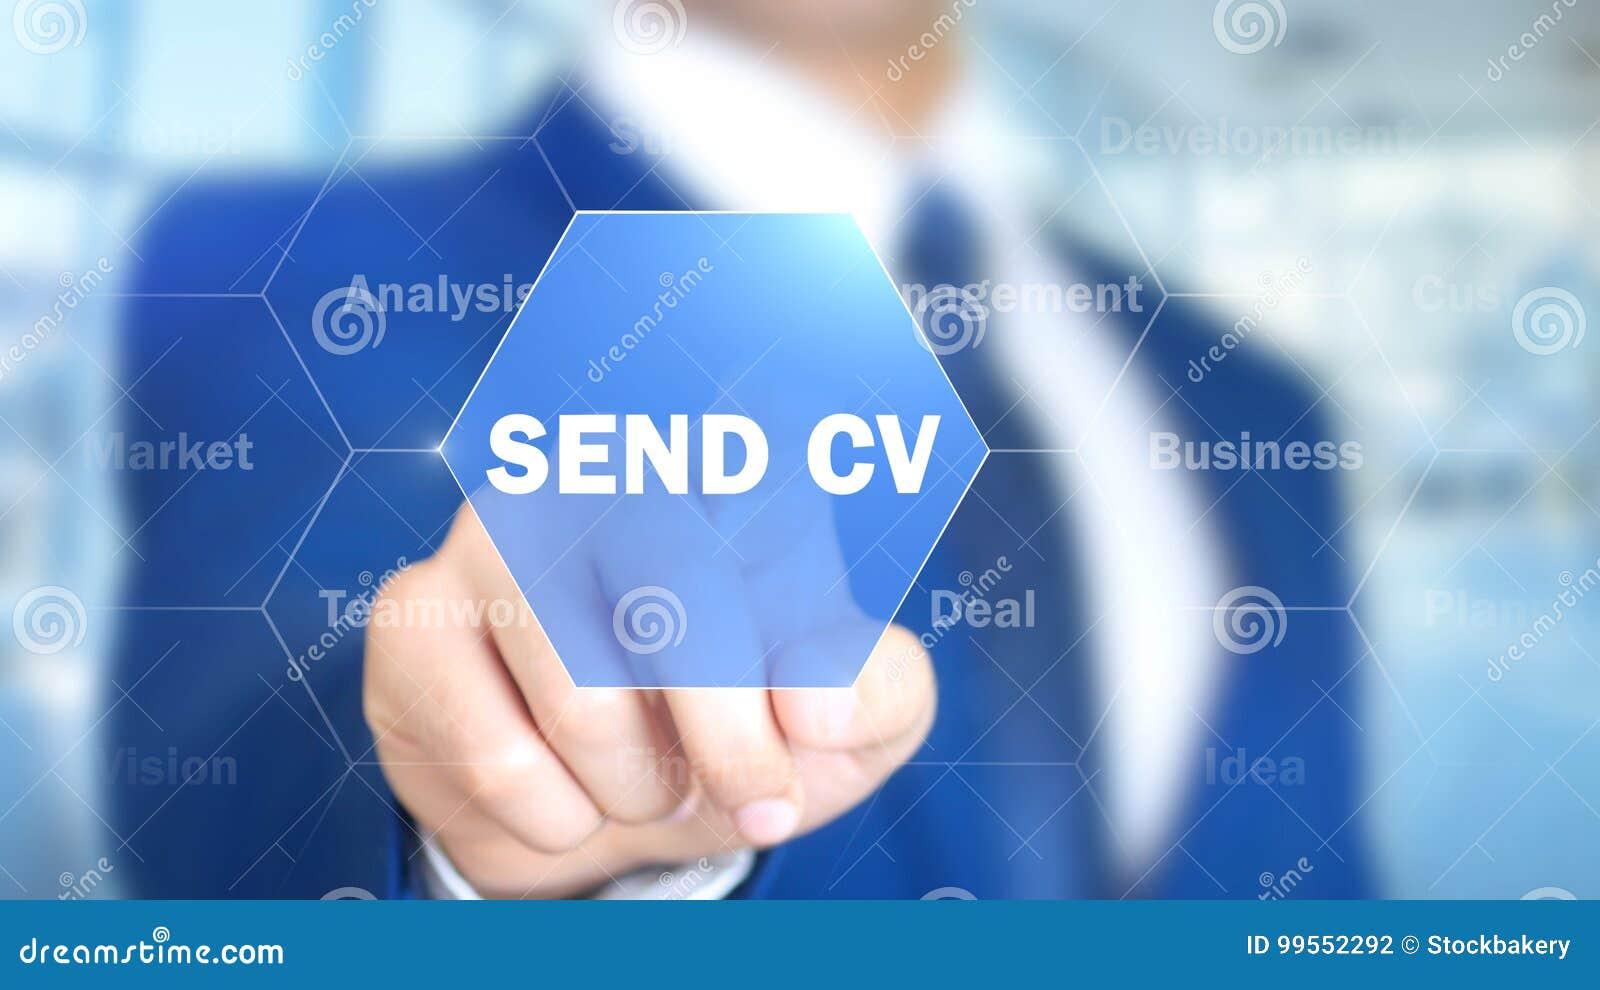 送CV,工作在全息照相的接口,视觉屏幕的人